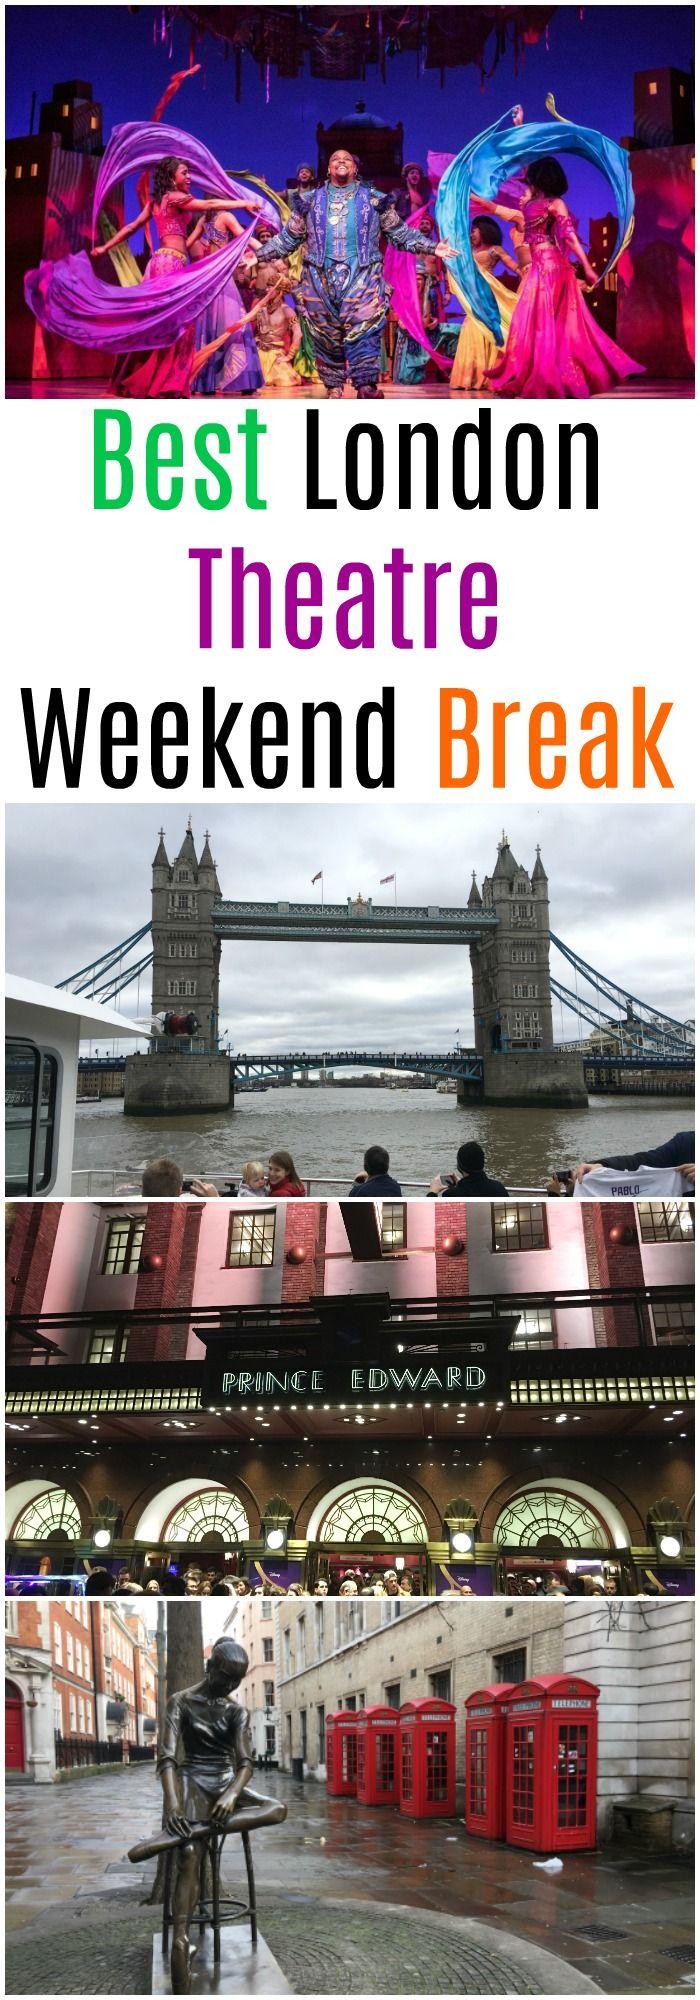 Best London theatre weekend break